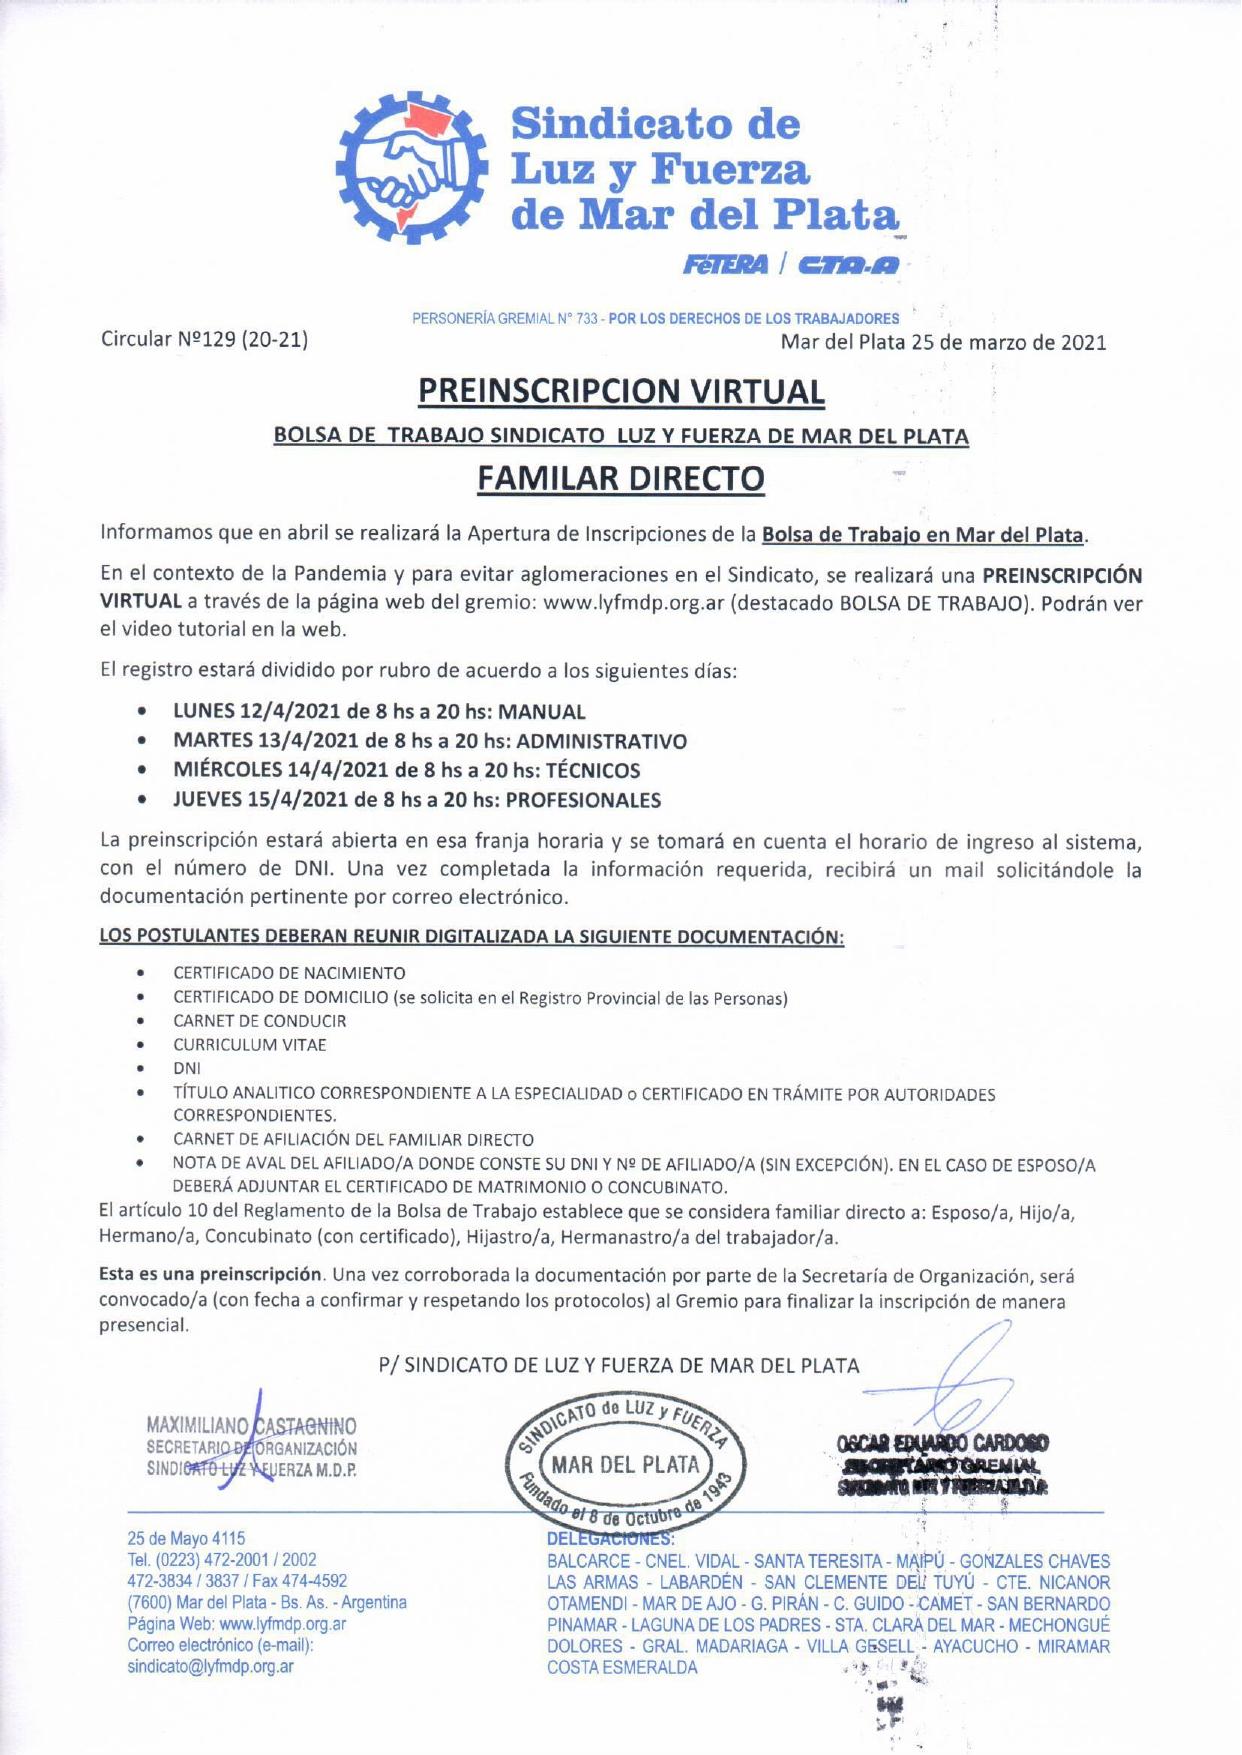 APERTURA DE PRE INSCRIPCIÓN VIRTUAL A LA BOLSA DE TRABAJO MdP - FAMILIAR DIRECTO